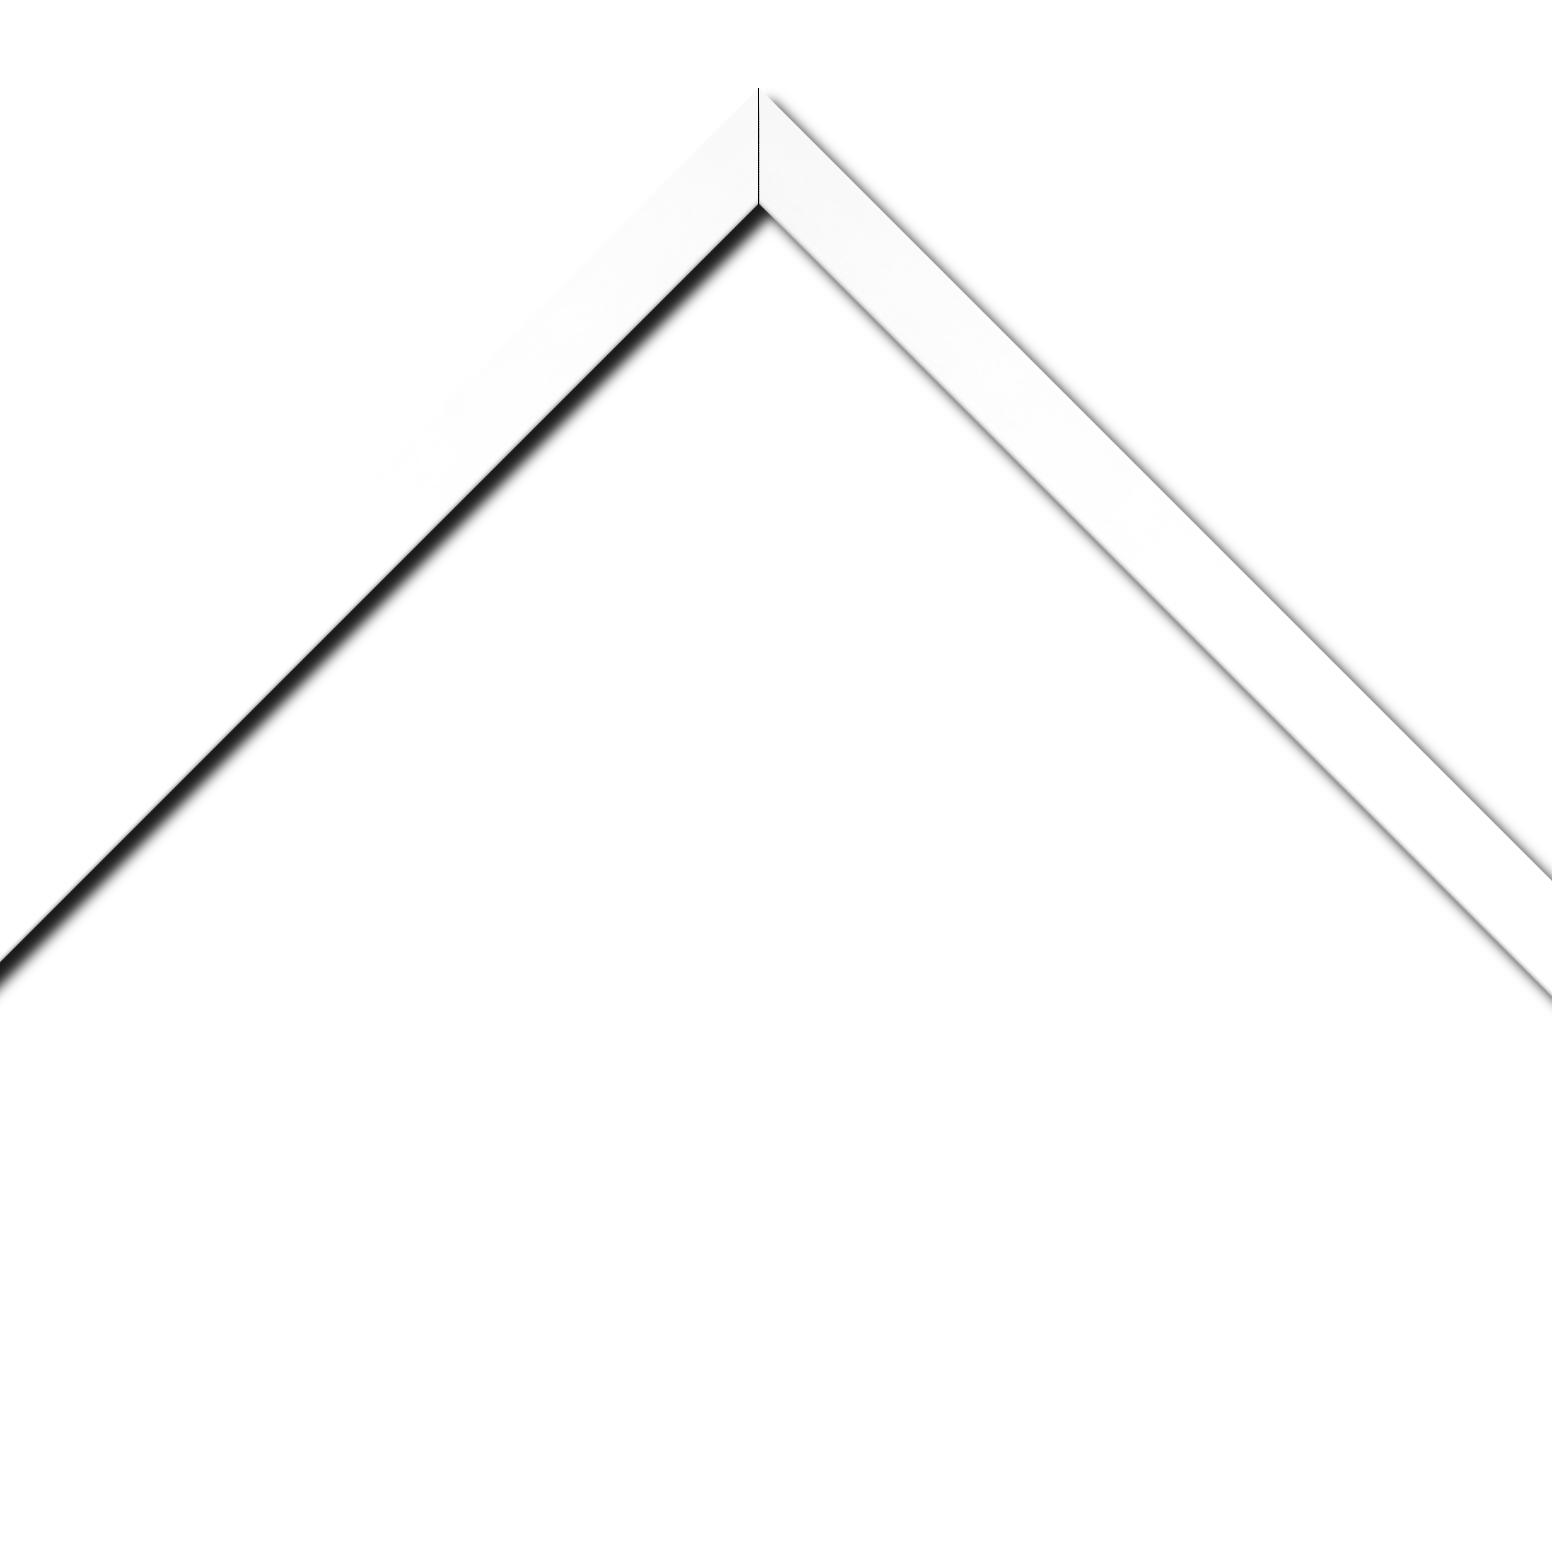 Baguette bois profil plat effet cube largeur 2cm couleur blanc satiné